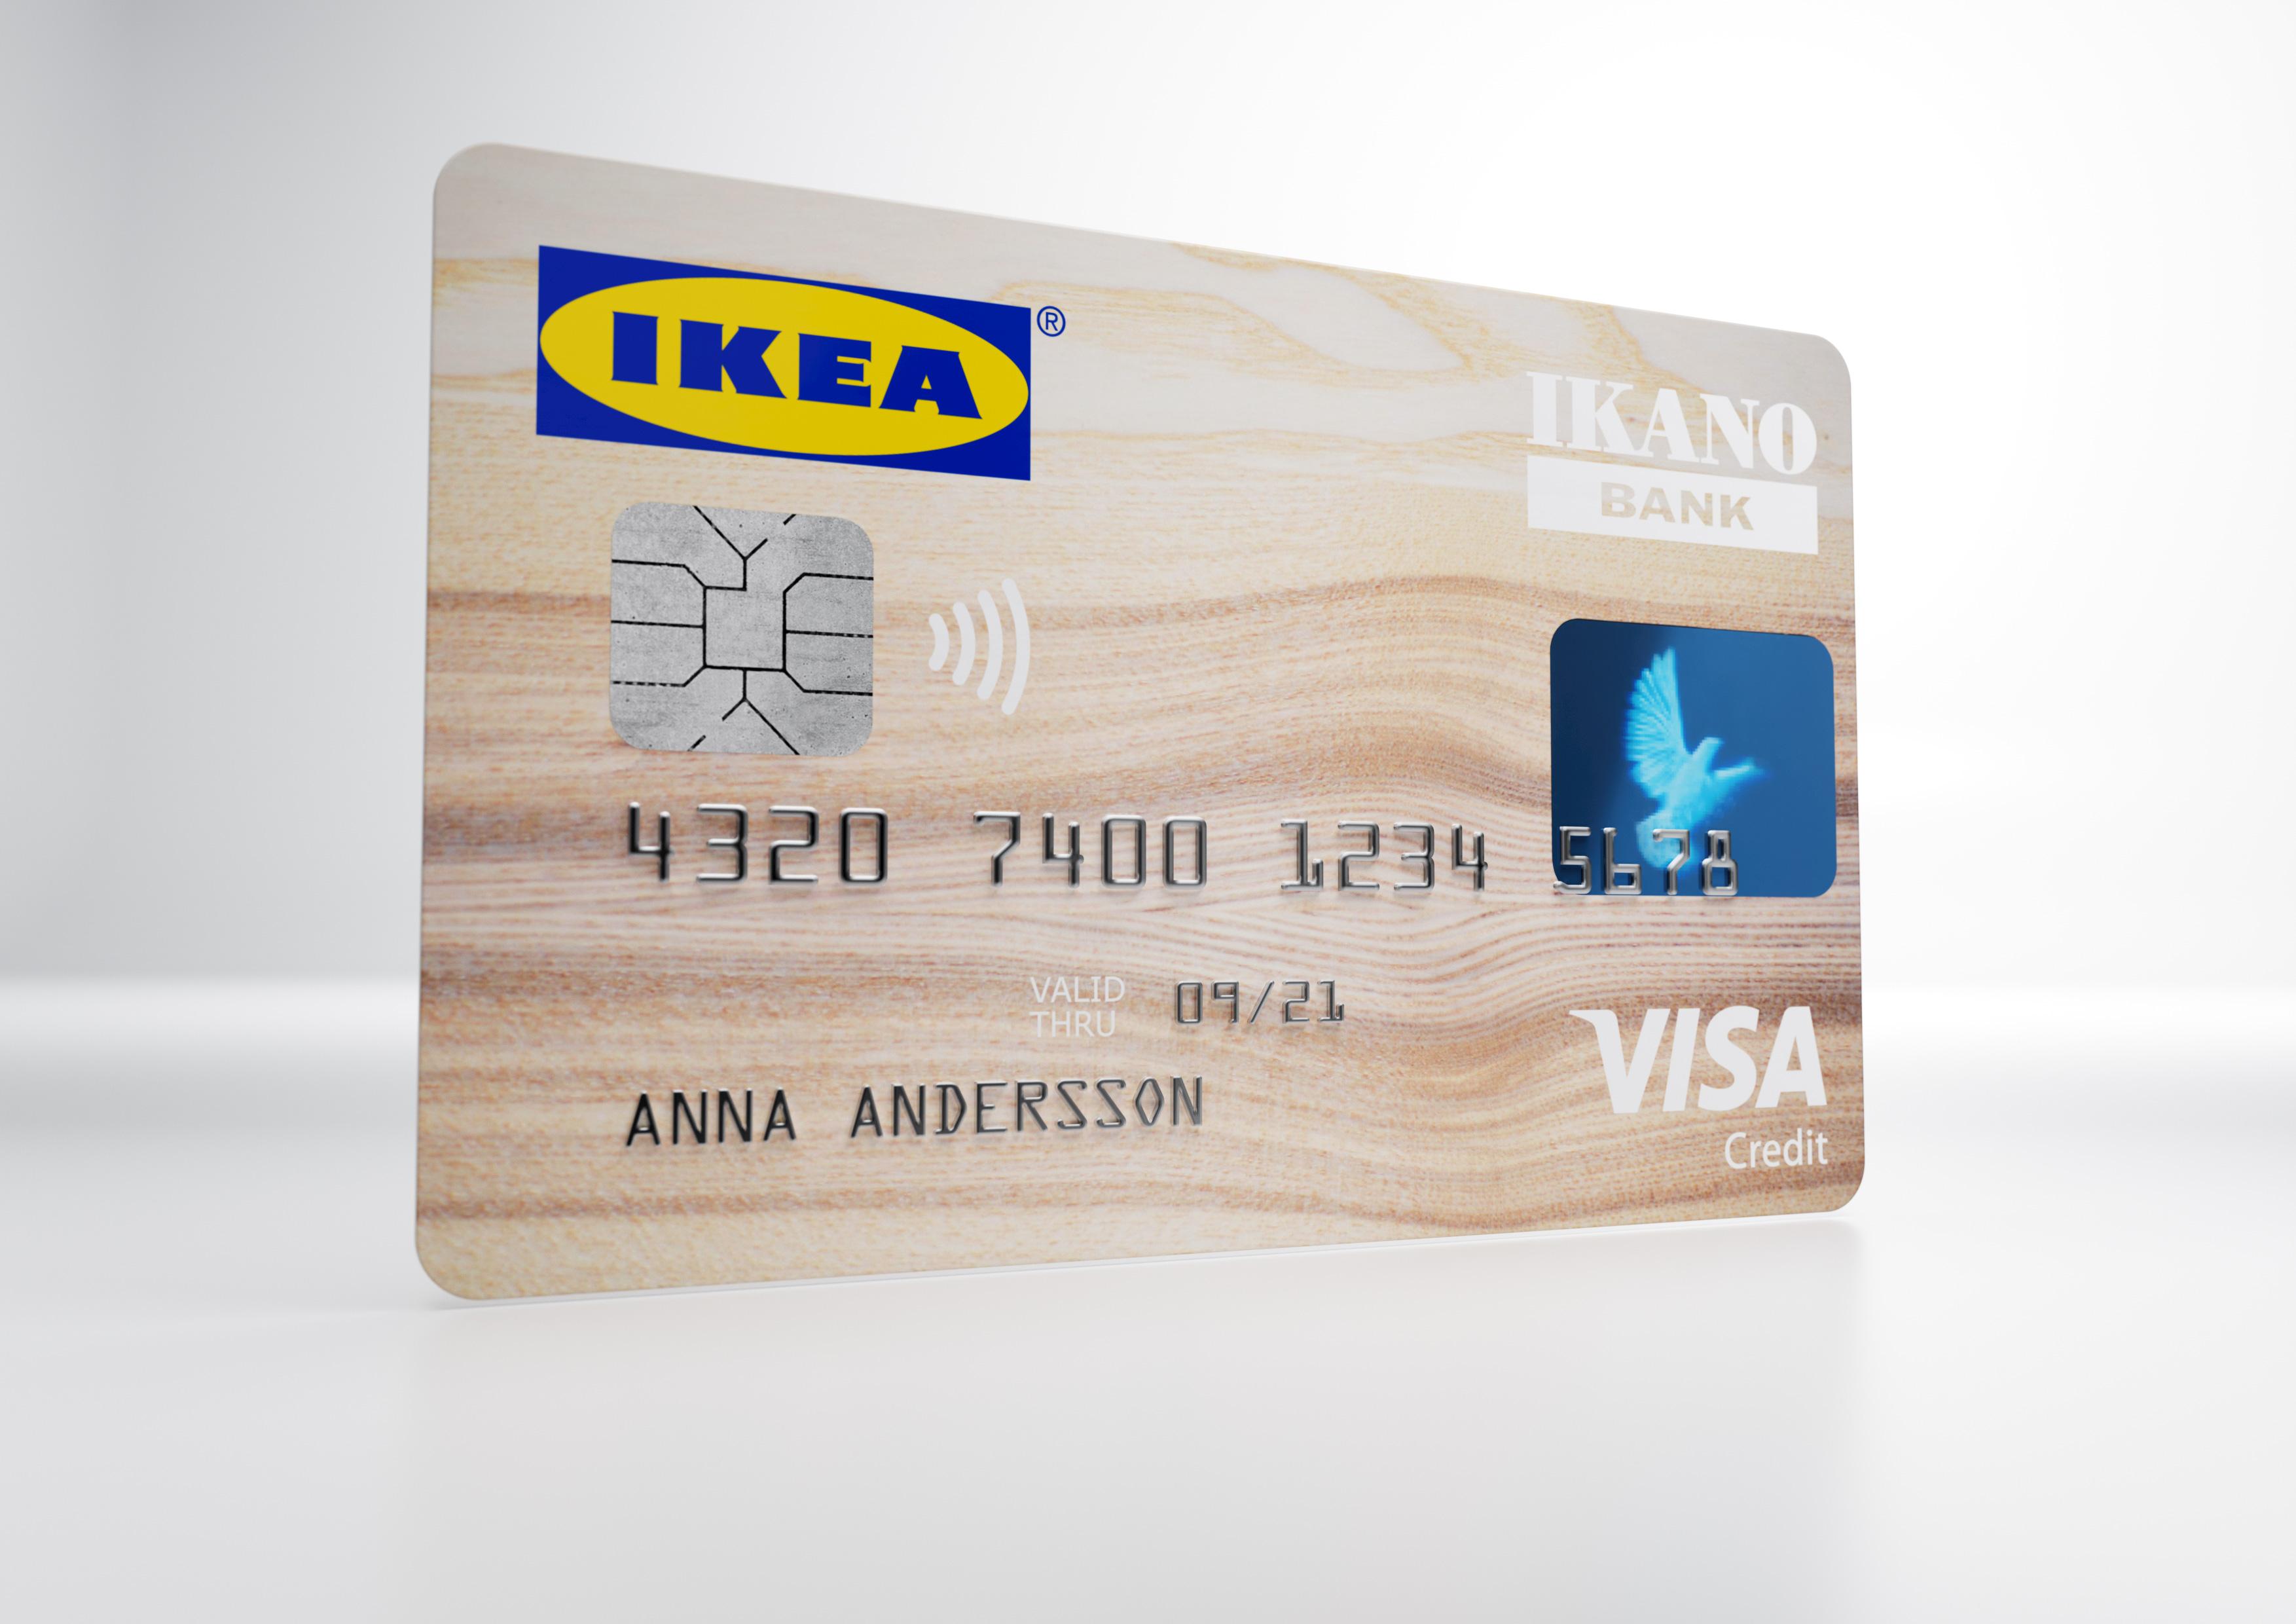 ▷ IKEA bietet seinen Kunden erstmals eine Kreditkarte an | Presseportal